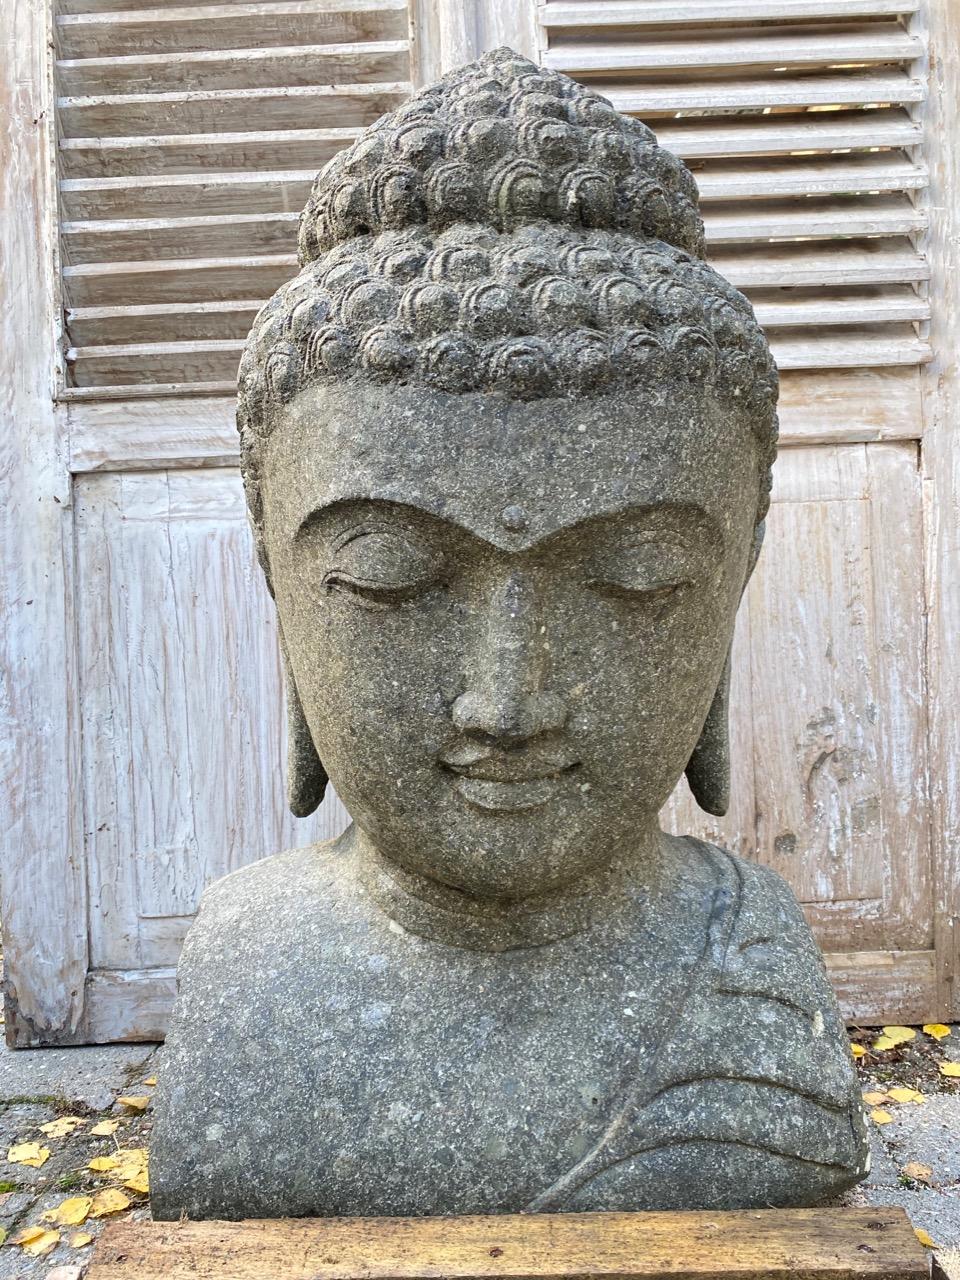 schöne Buddhabüste aus Stein